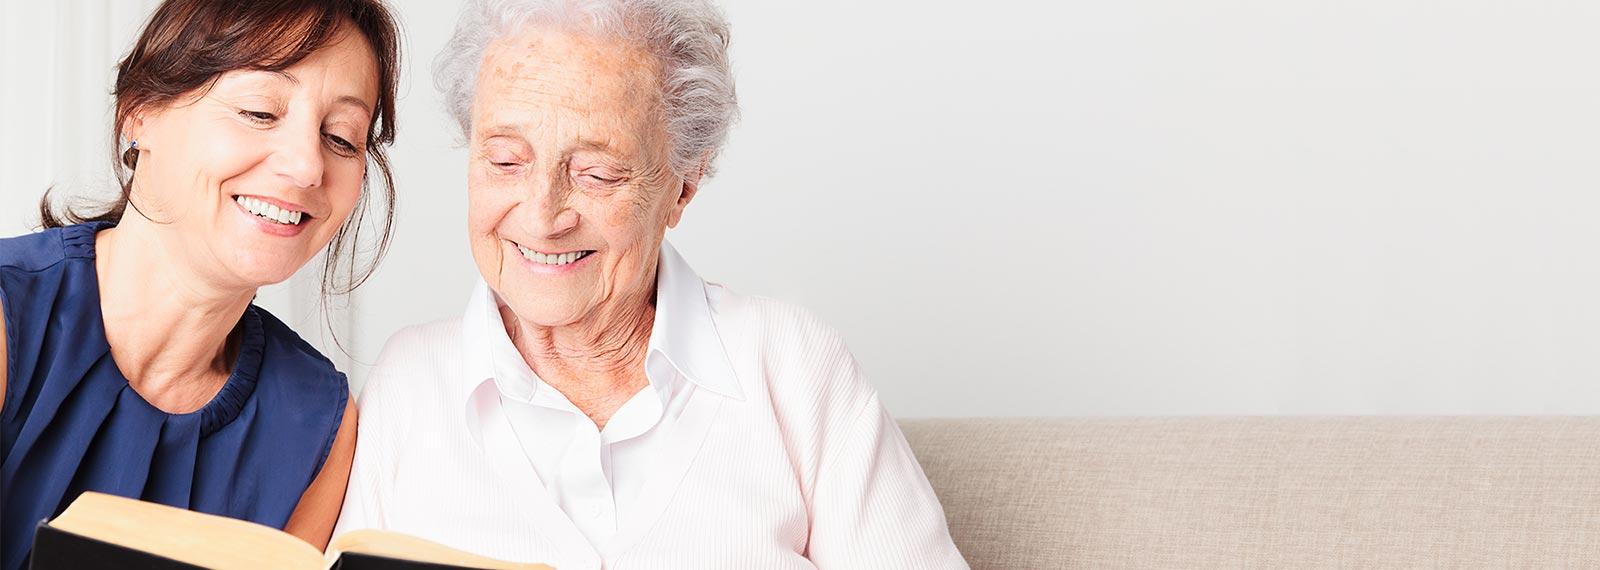 Seniorenbetreuung, Pflegedienst München